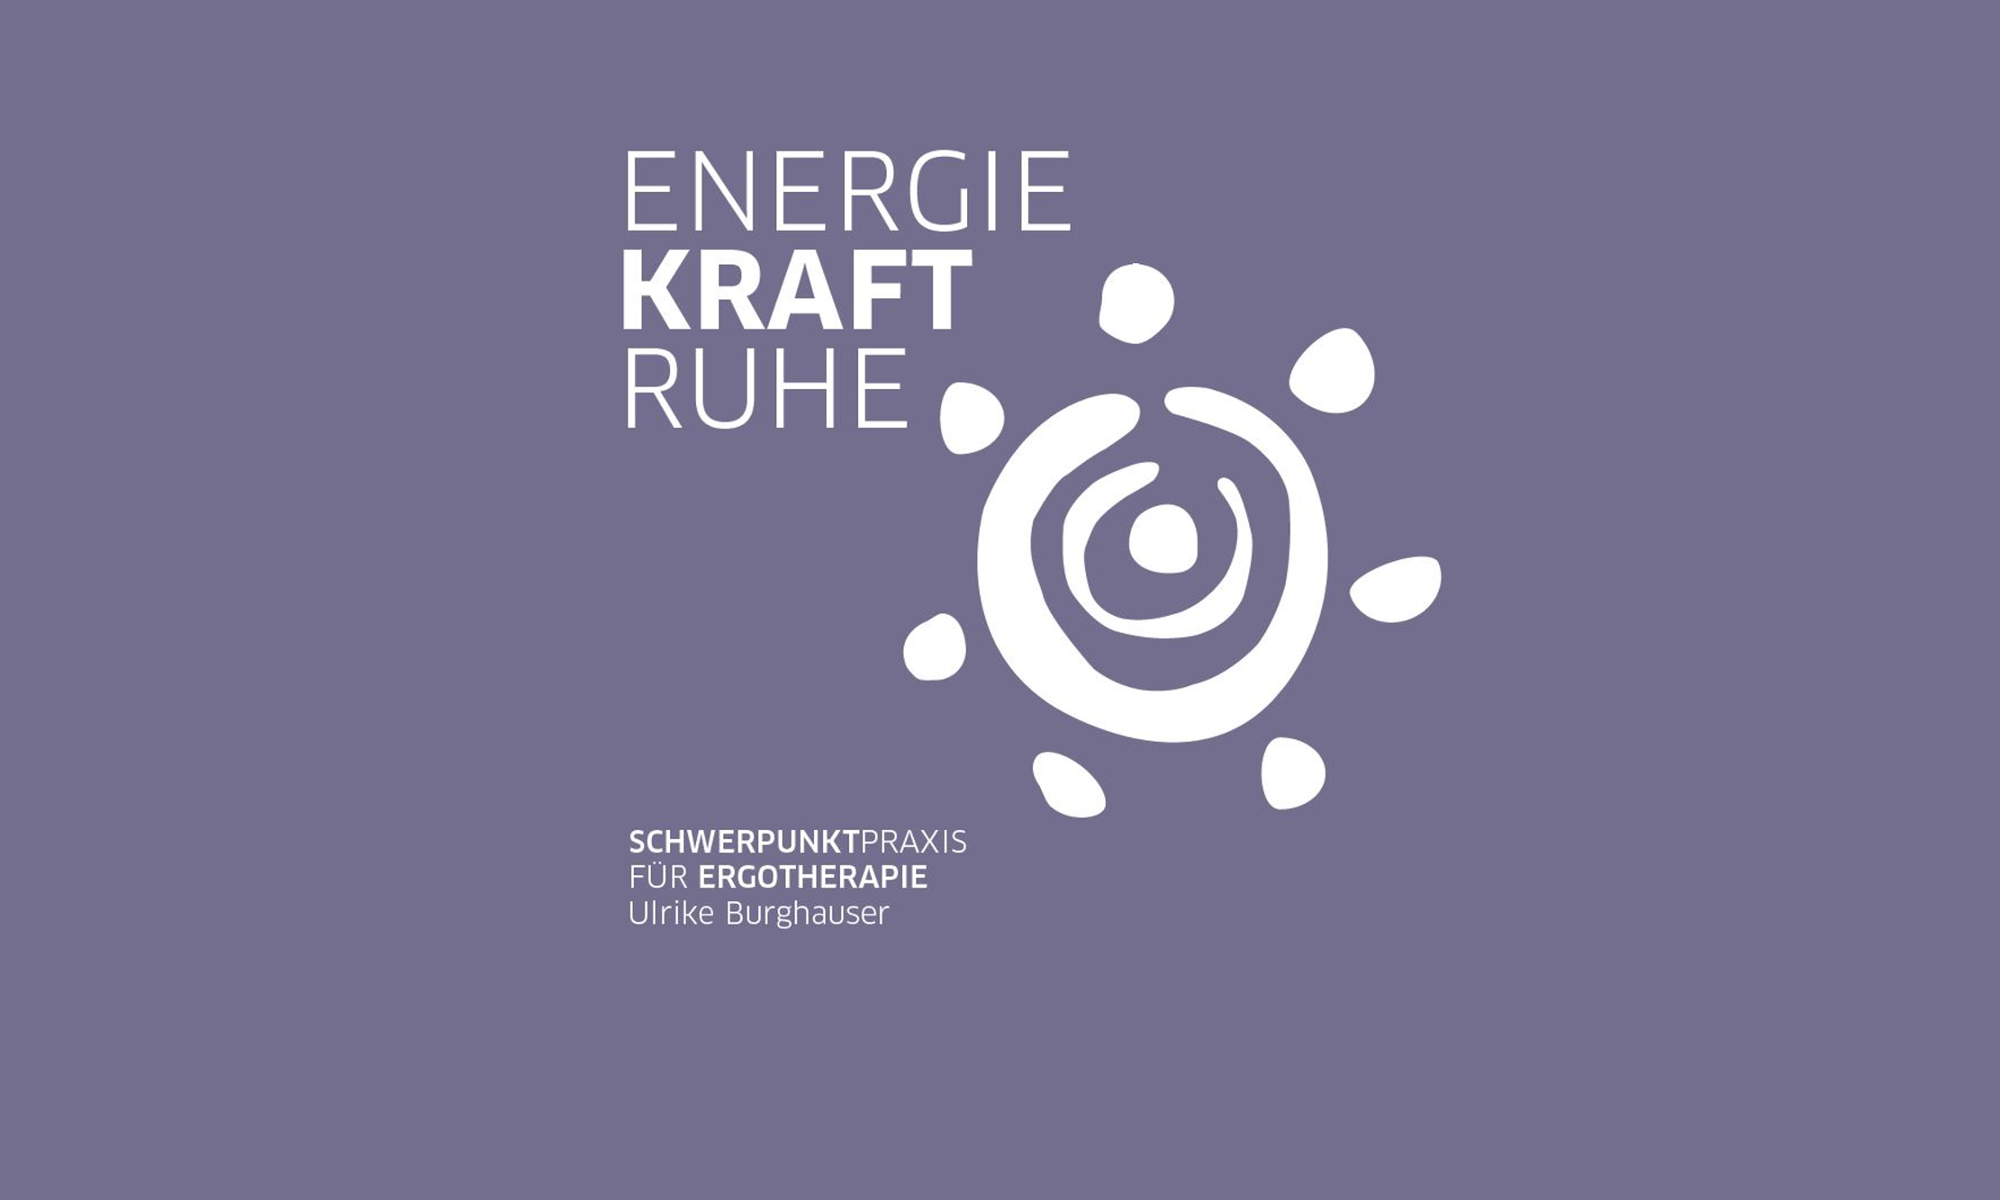 Energie Kraft Ruhe